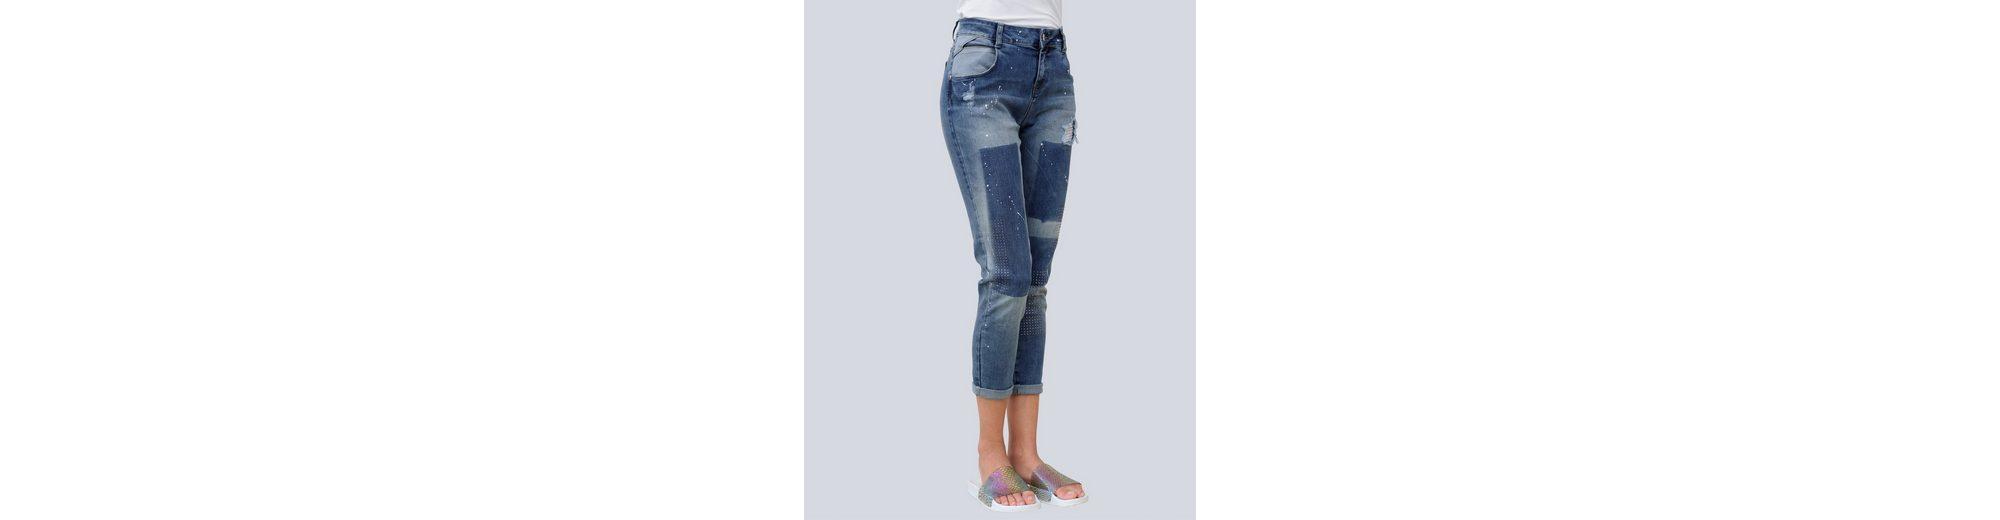 Alba Moda Boyfriend-Jeans mit Strassverzierungen mit Strassverzierungen